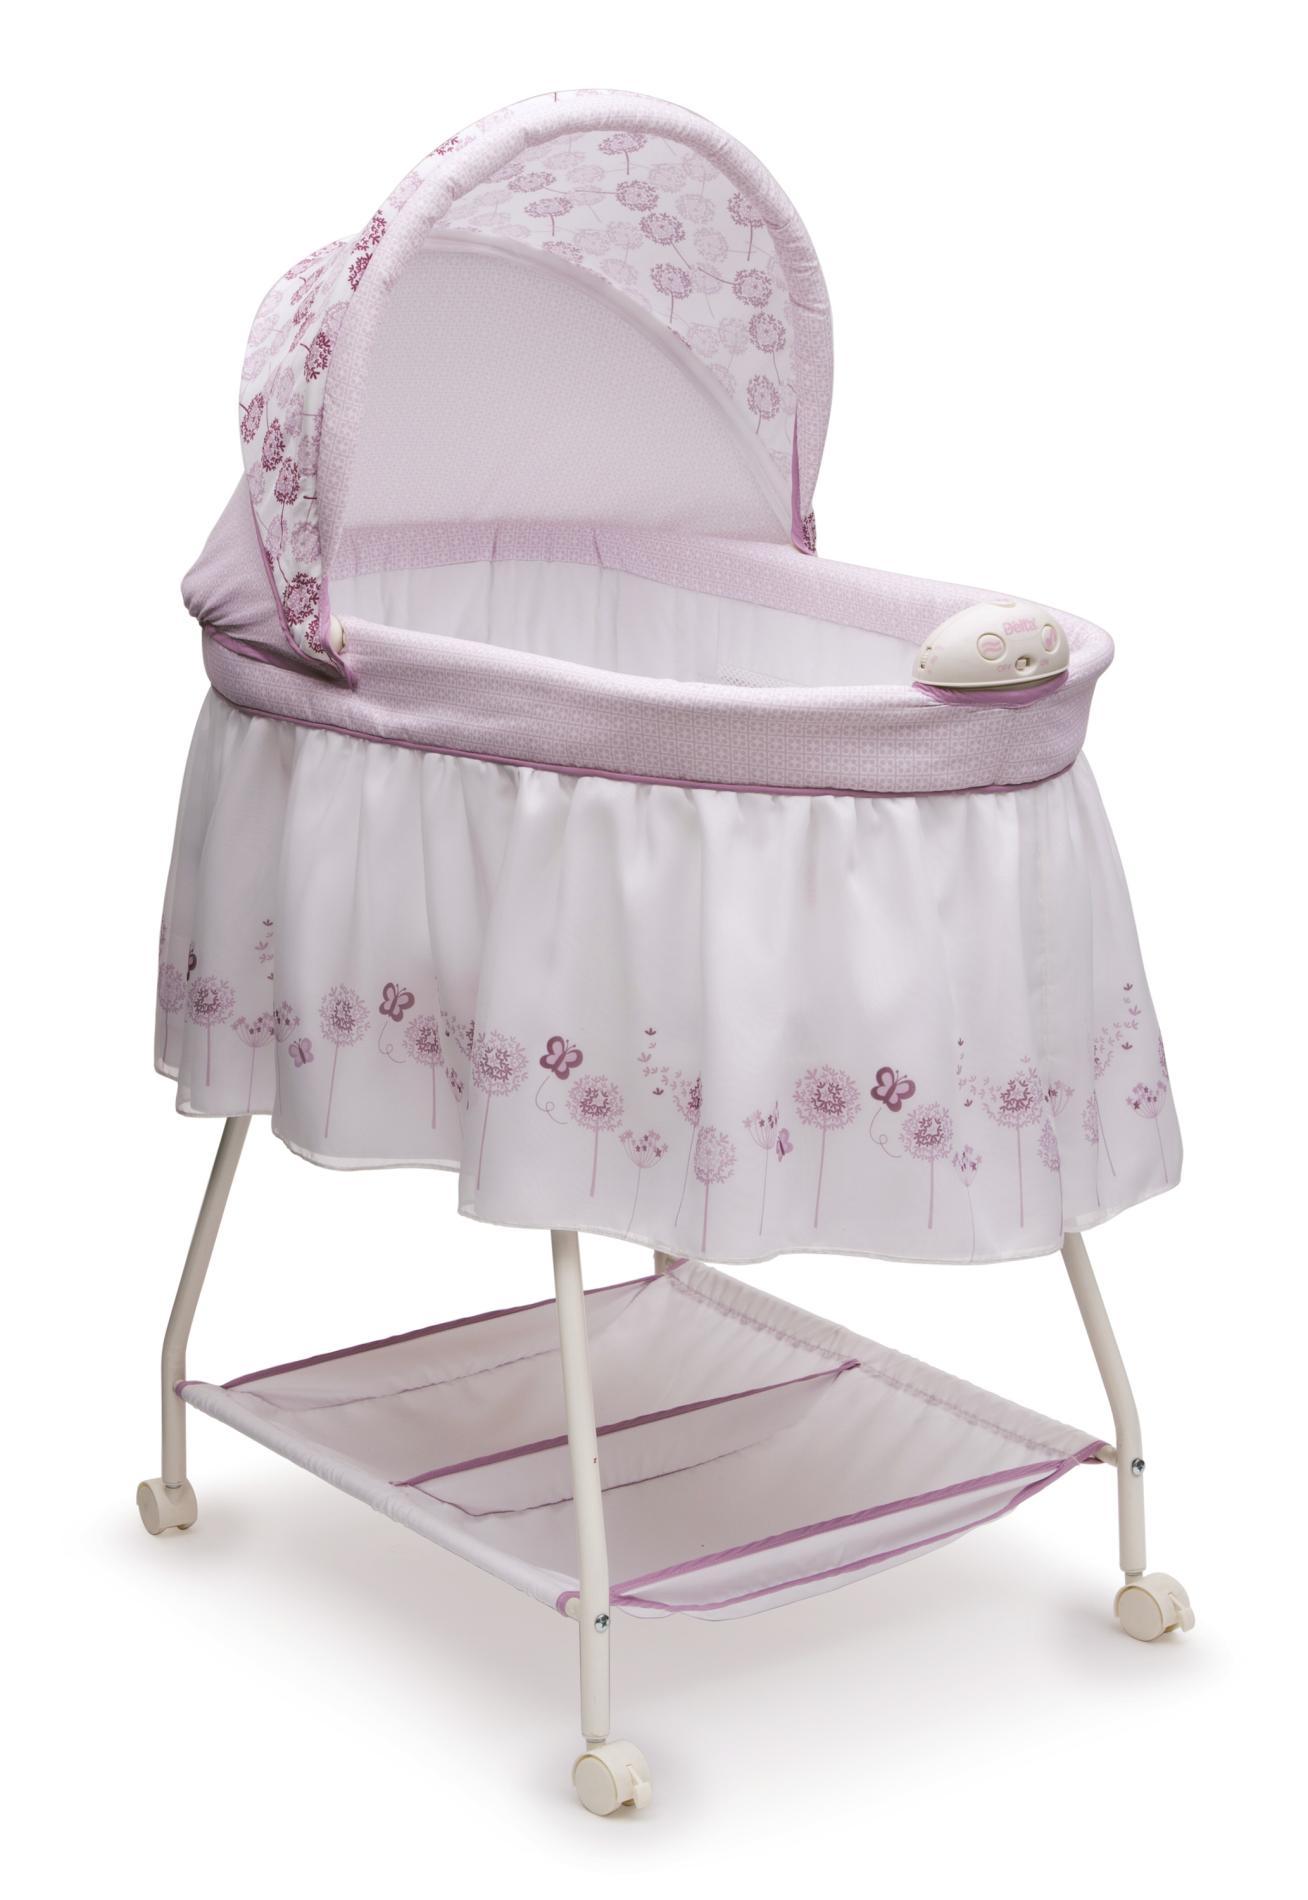 baby bassinet delta children infant girlu0027s sweet beginnings bassinet - floral YSORKZA